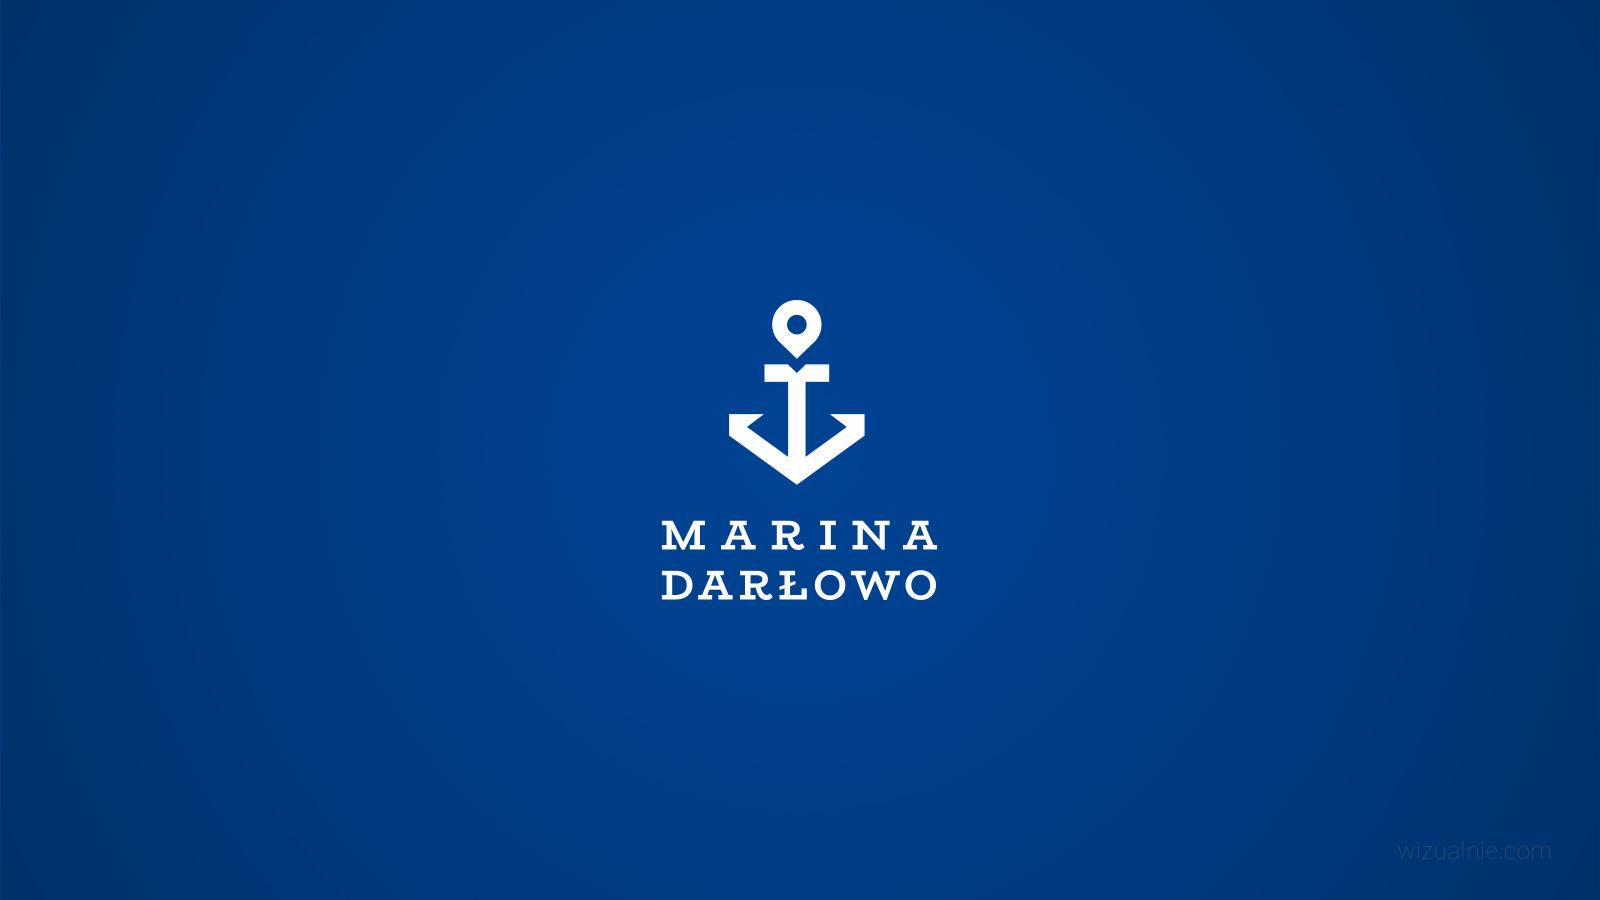 wizualnie-portfolio-marinadarlowo-logo-02-1